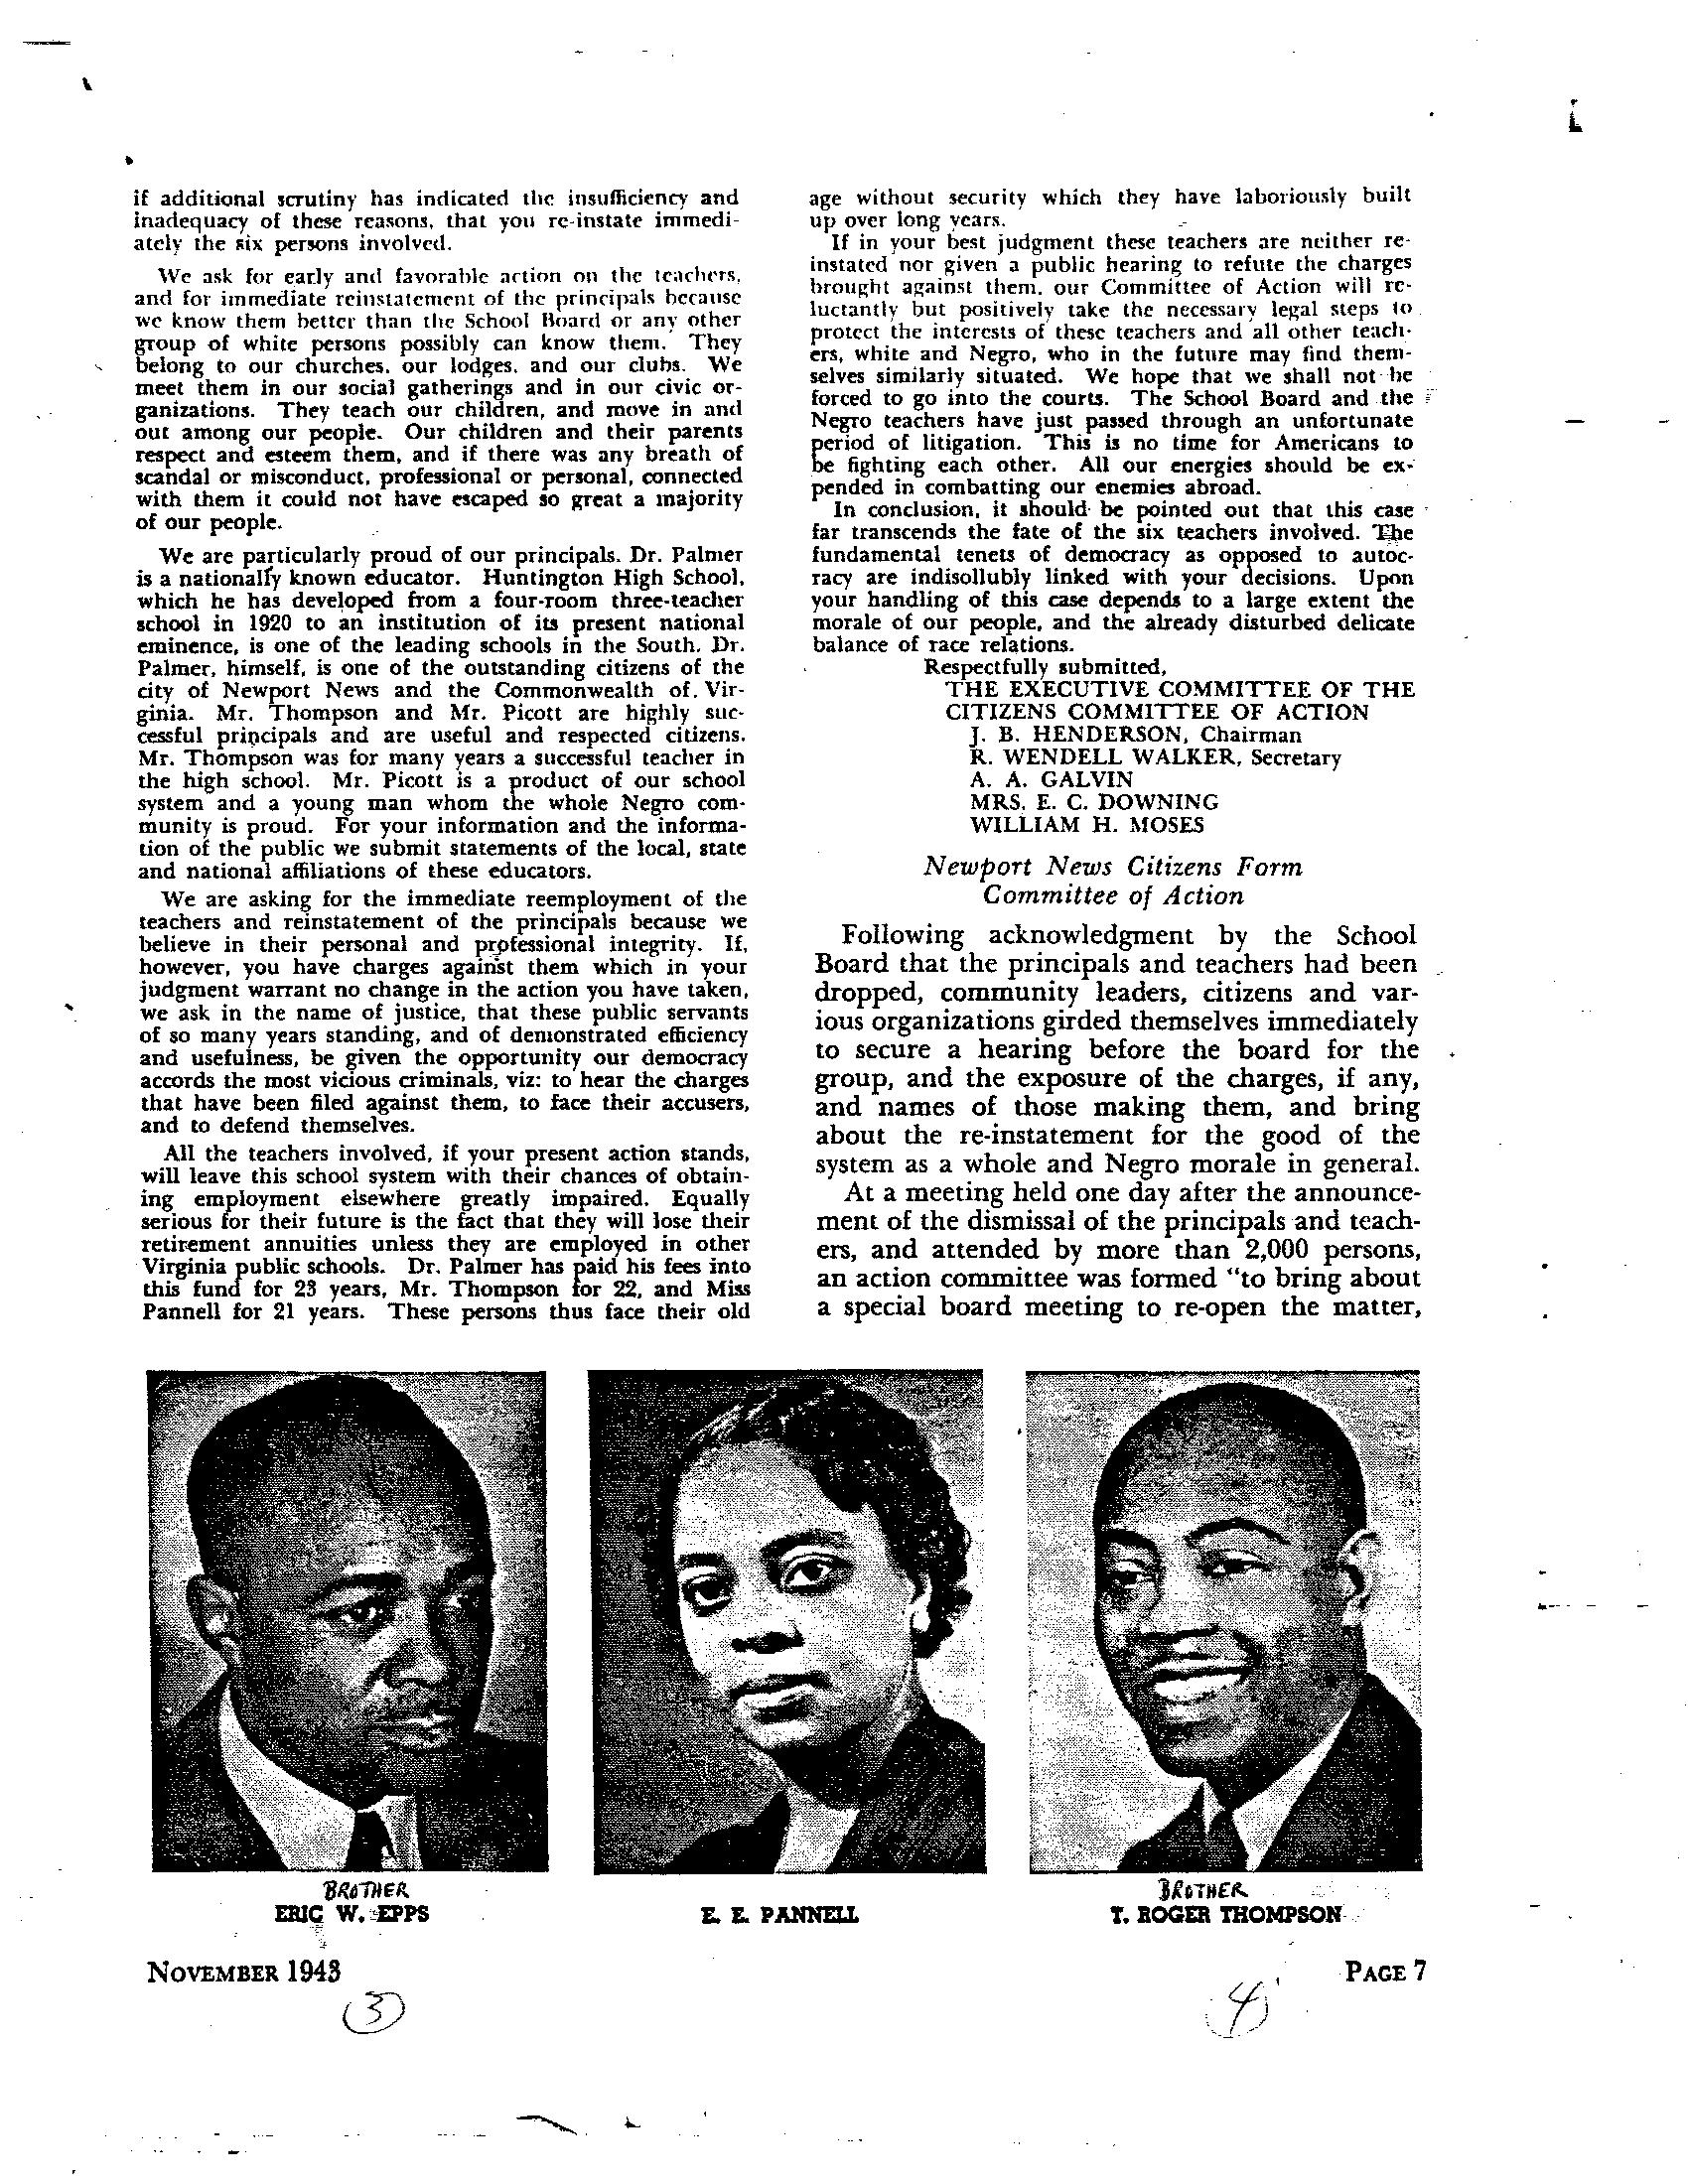 Zeta Lambda 1943 - The Newport News Case 2.png